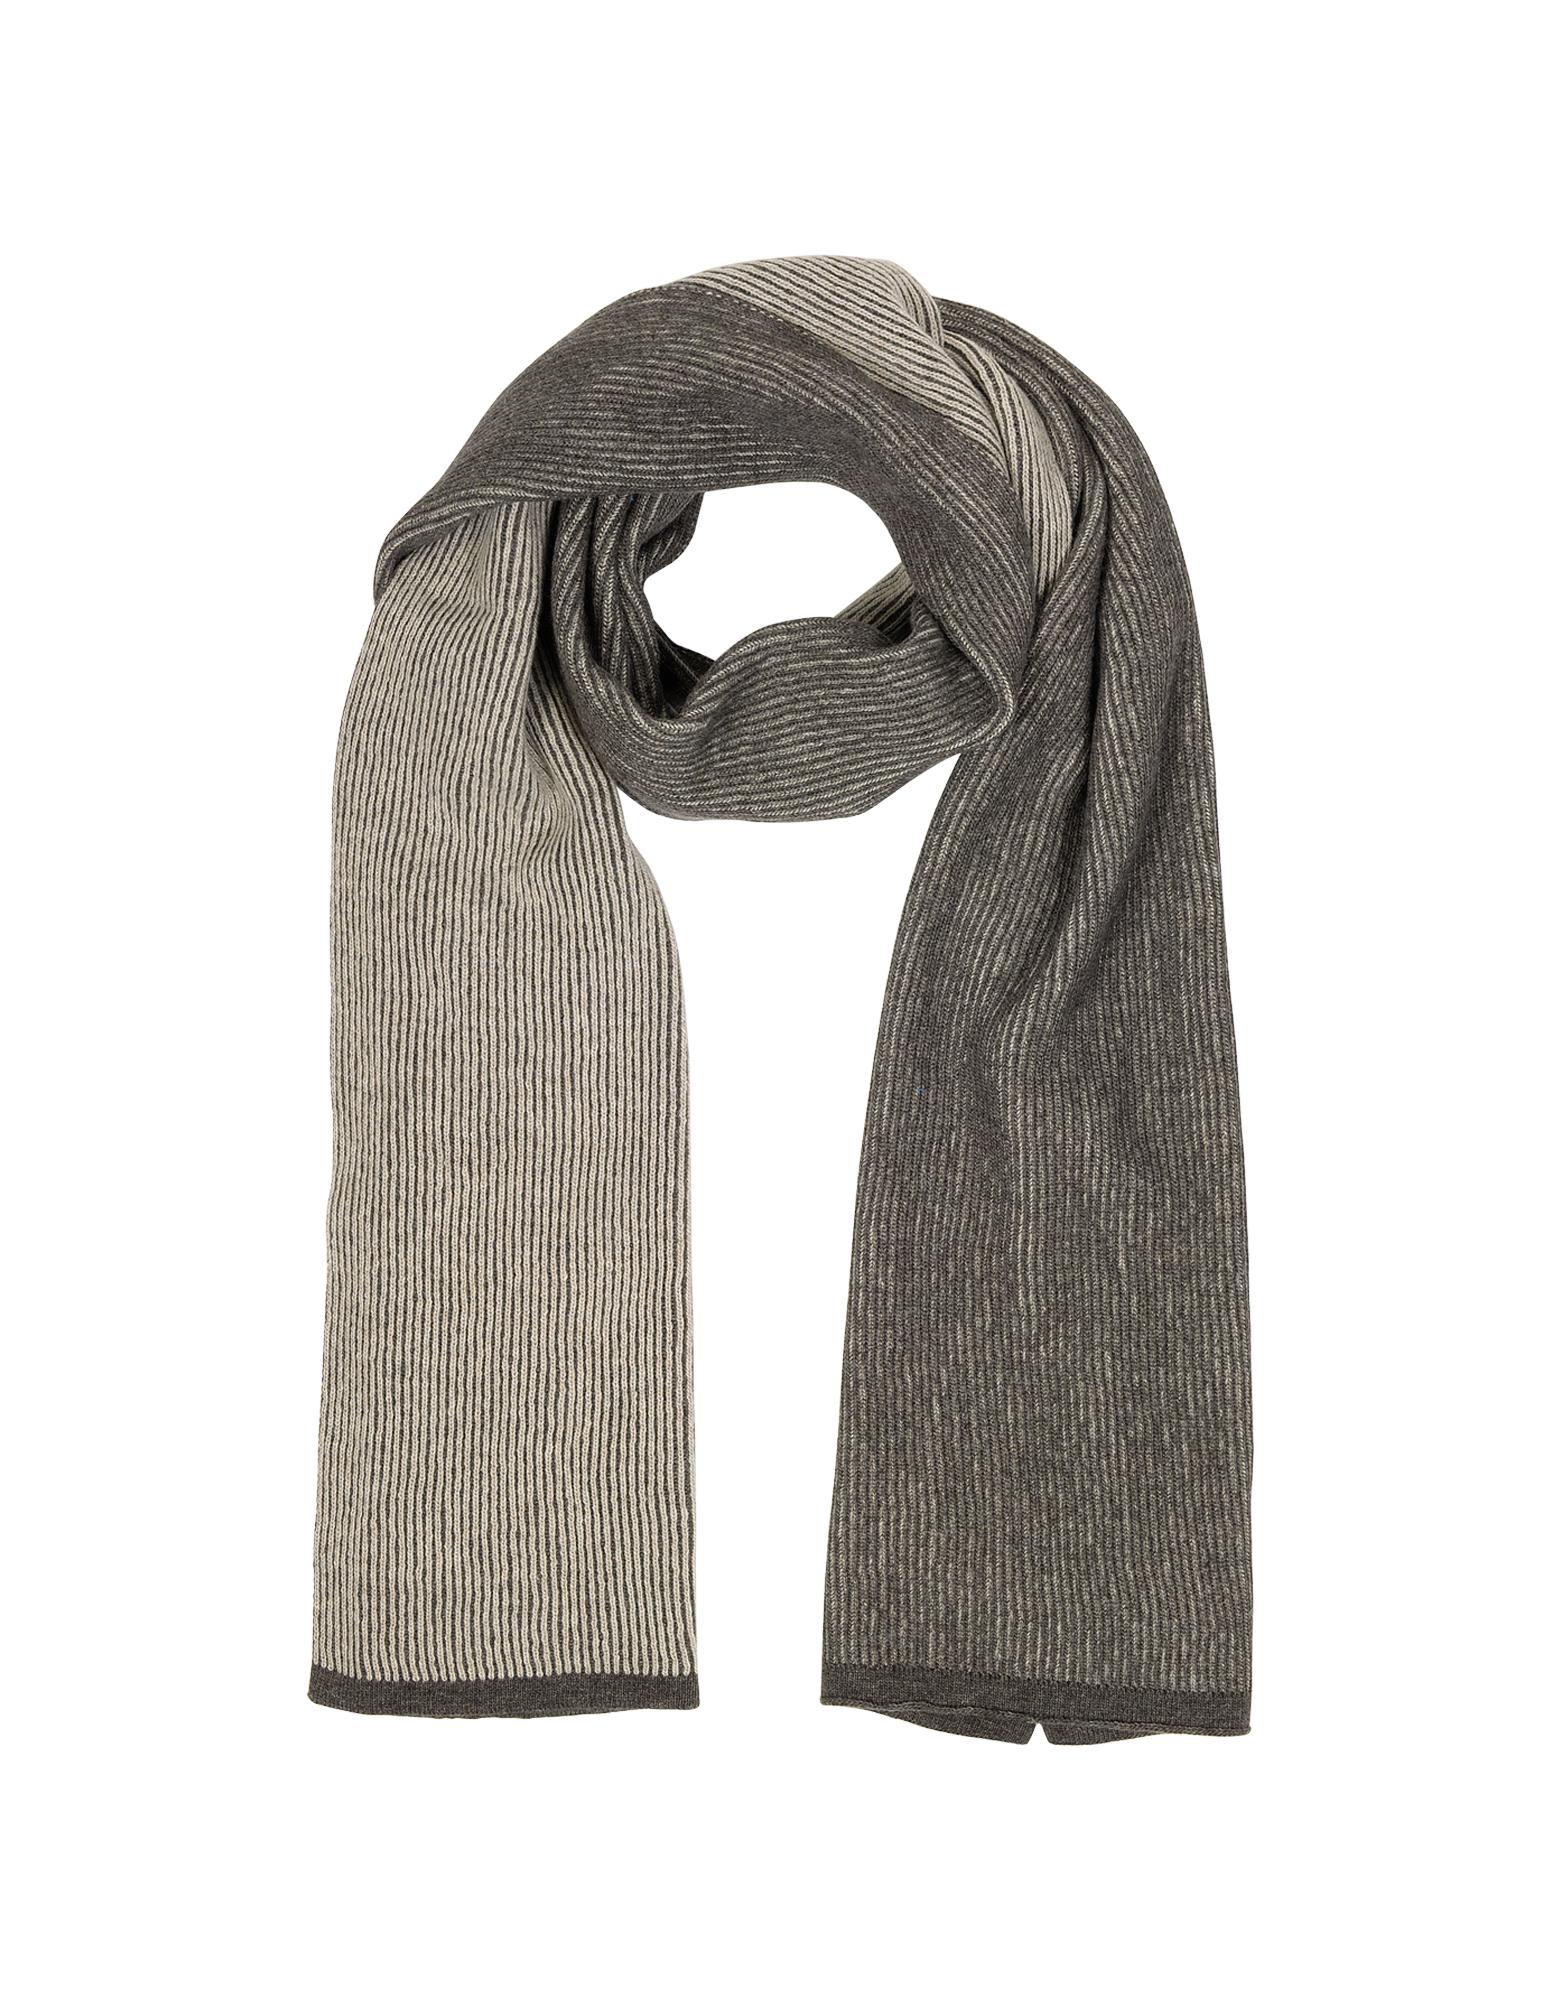 Image of Beige/Brown Stripe Wool Blend Long Scarf